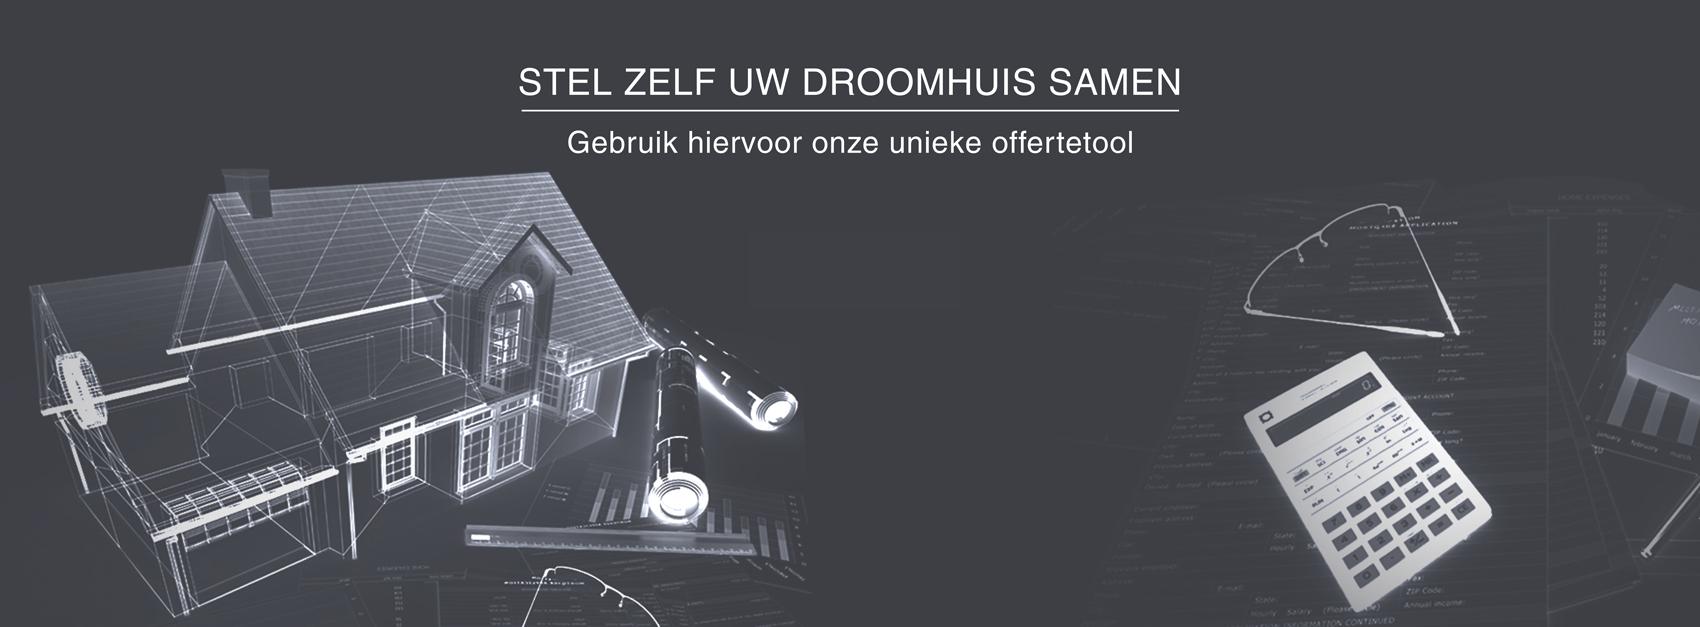 villabouw nederland ontwerp je eigen huis